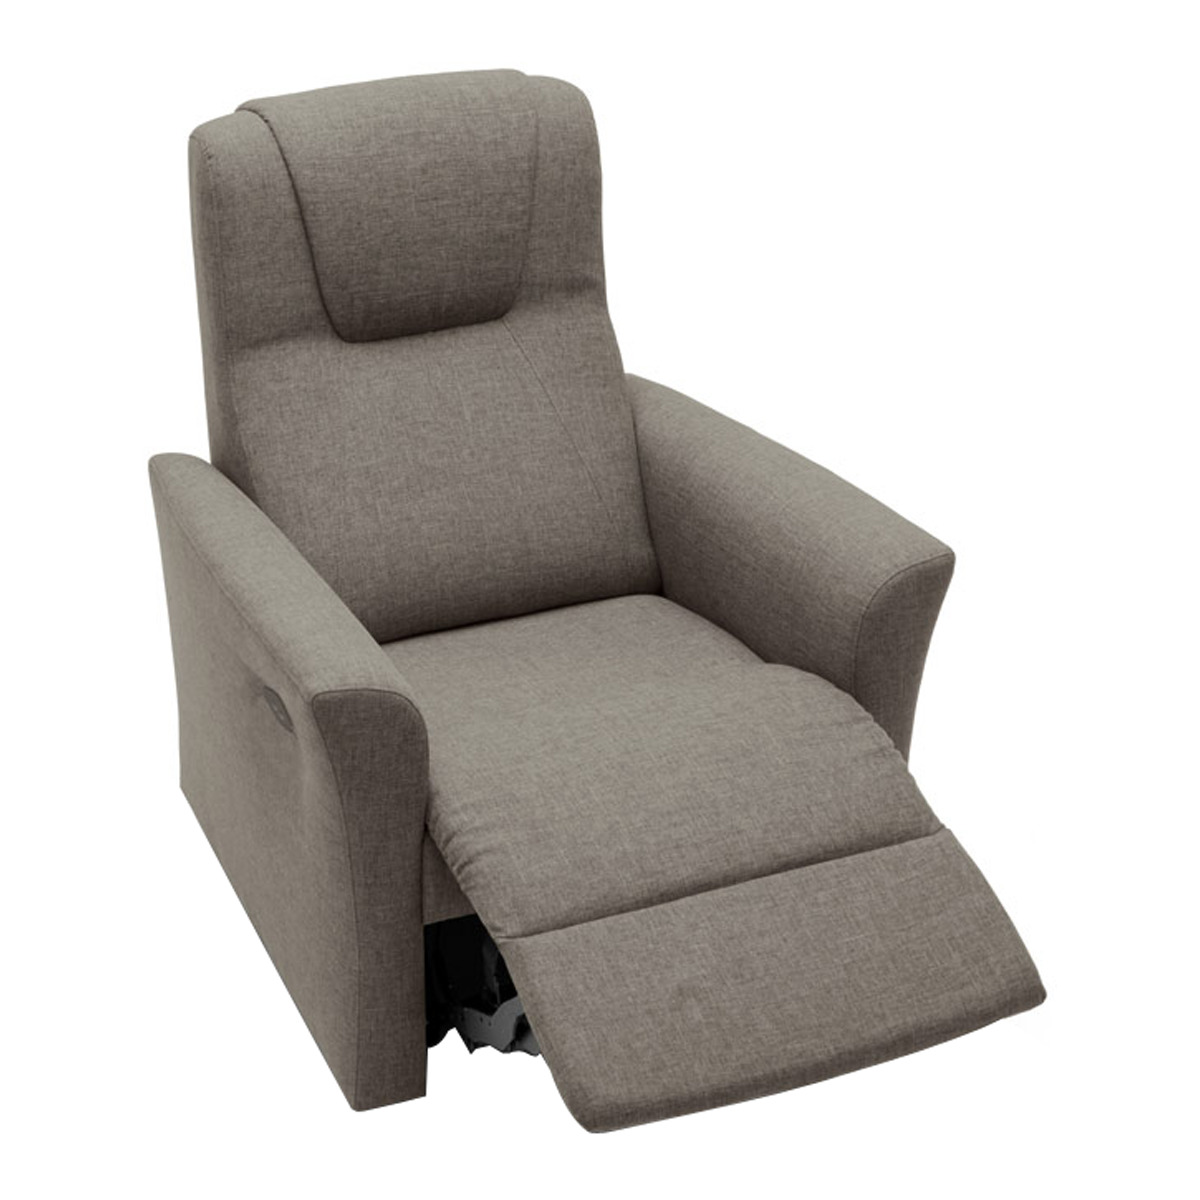 Muebles el corte ingles 201550 revista muebles mobiliario de dise o - Catalogo de muebles el corte ingles ...